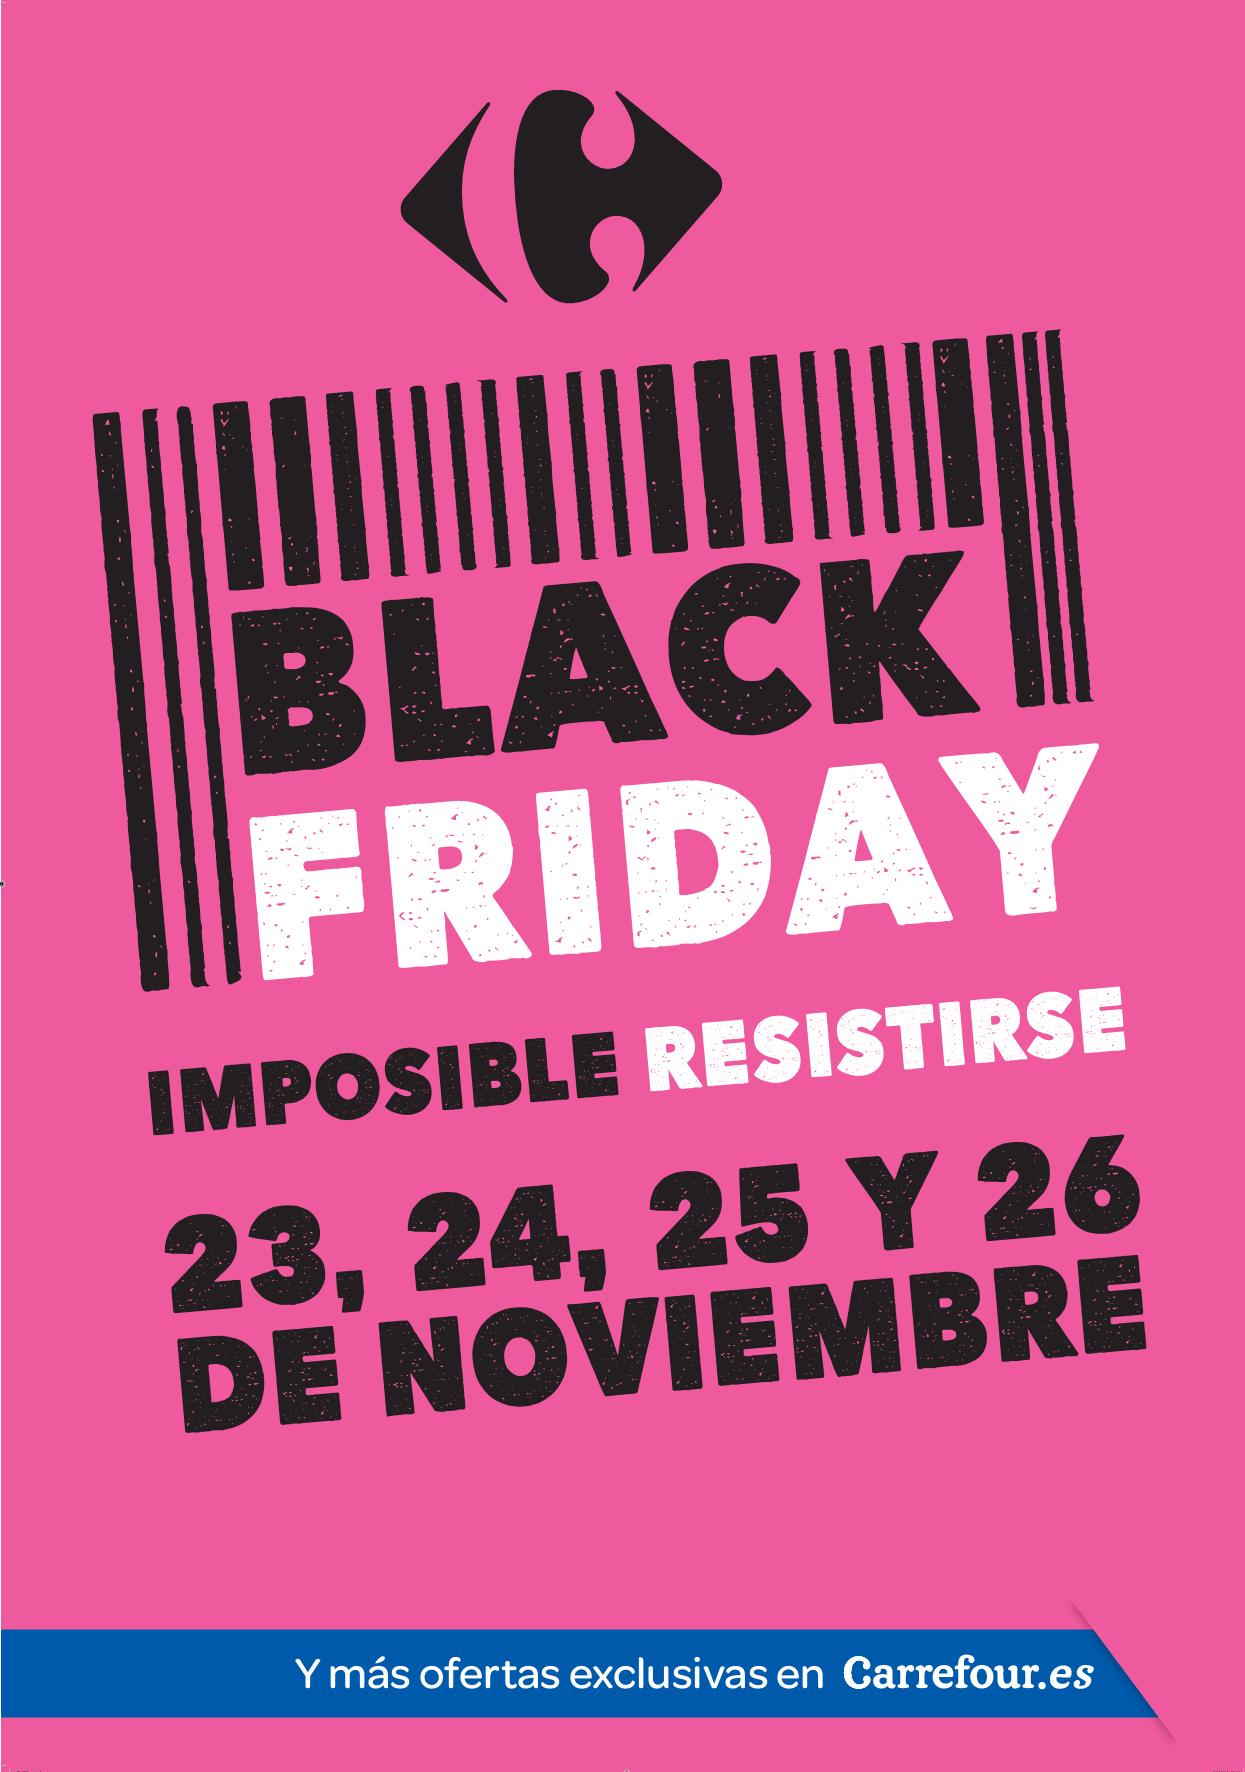 Black Friday Carrefour - 30% descuento en juguetes y bicicletas en cupón